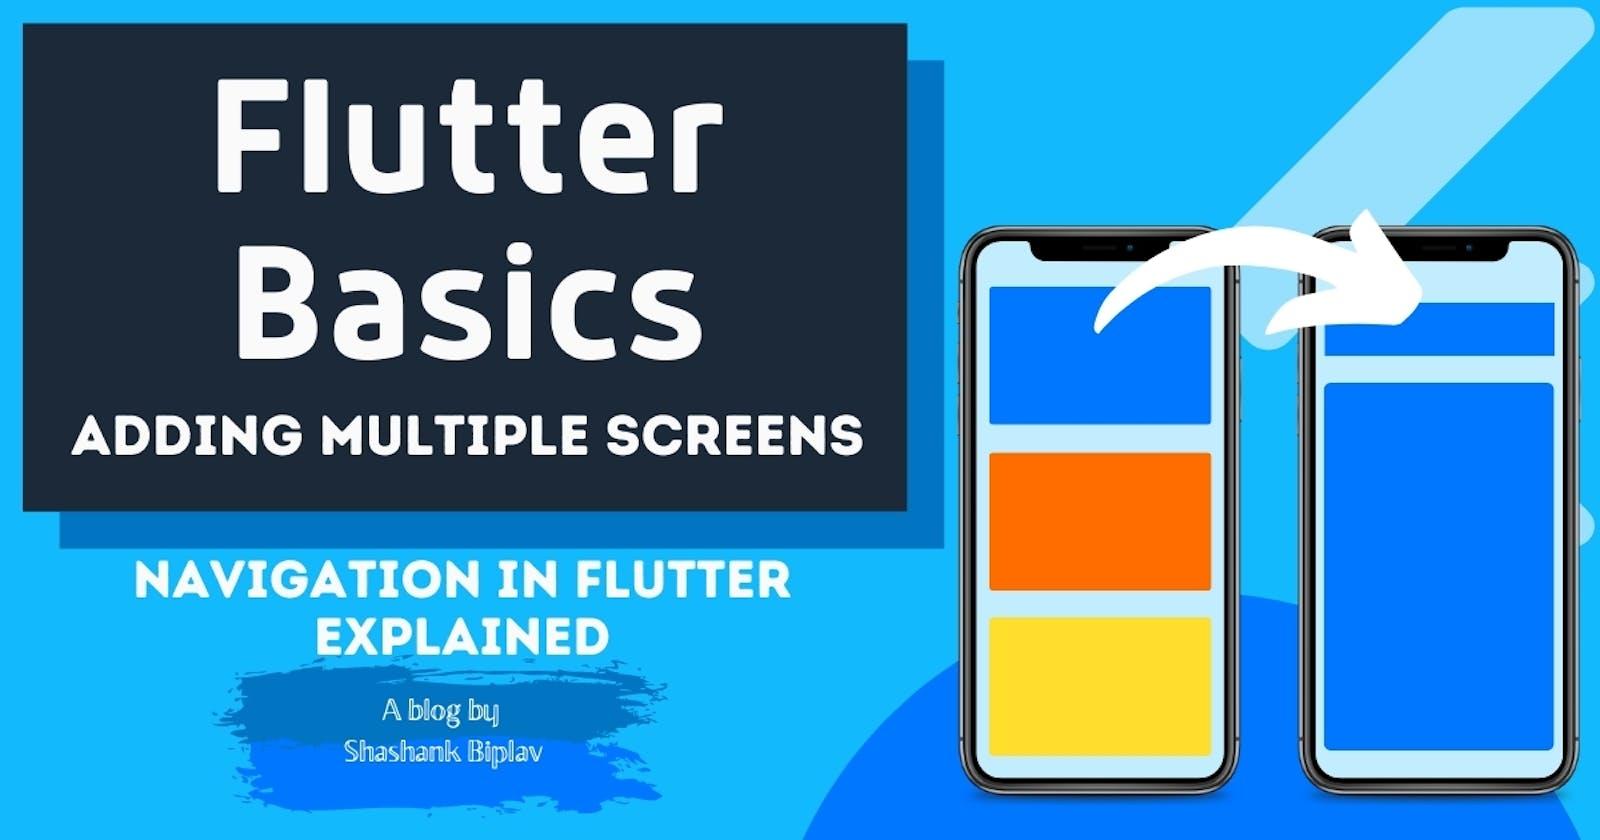 Flutter Basics - Adding Multiple Screens